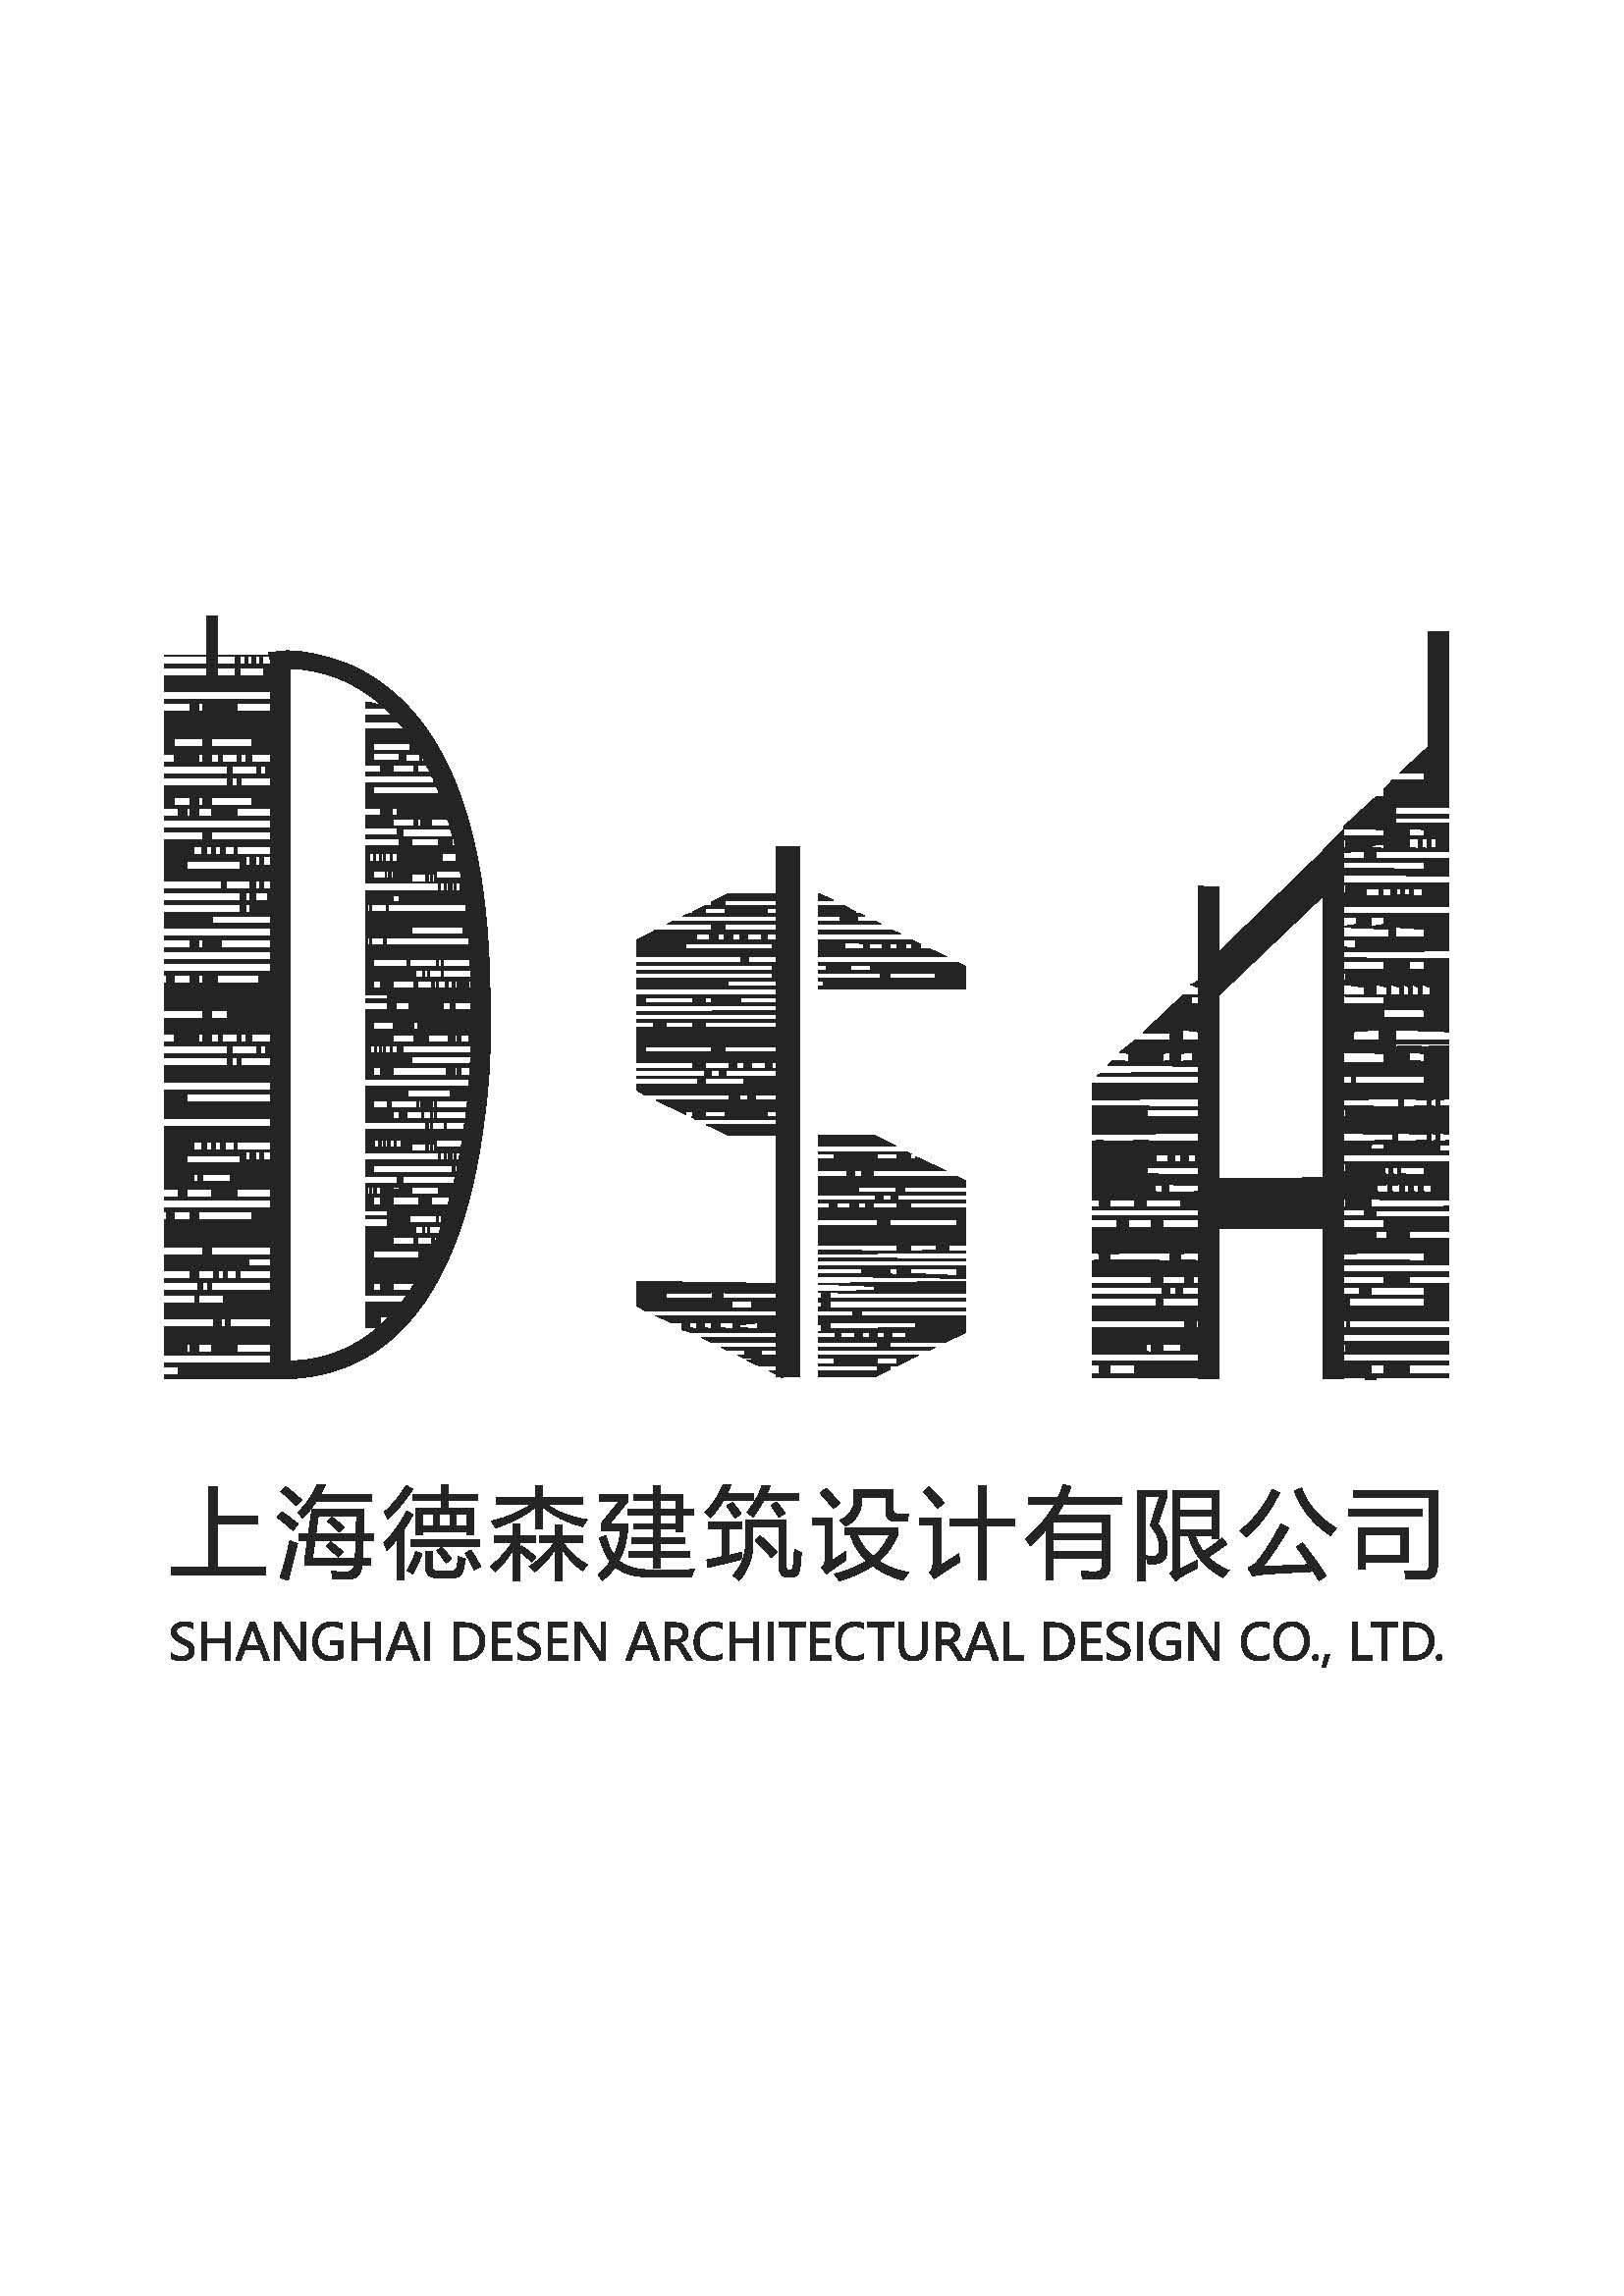 上海德森建筑设计